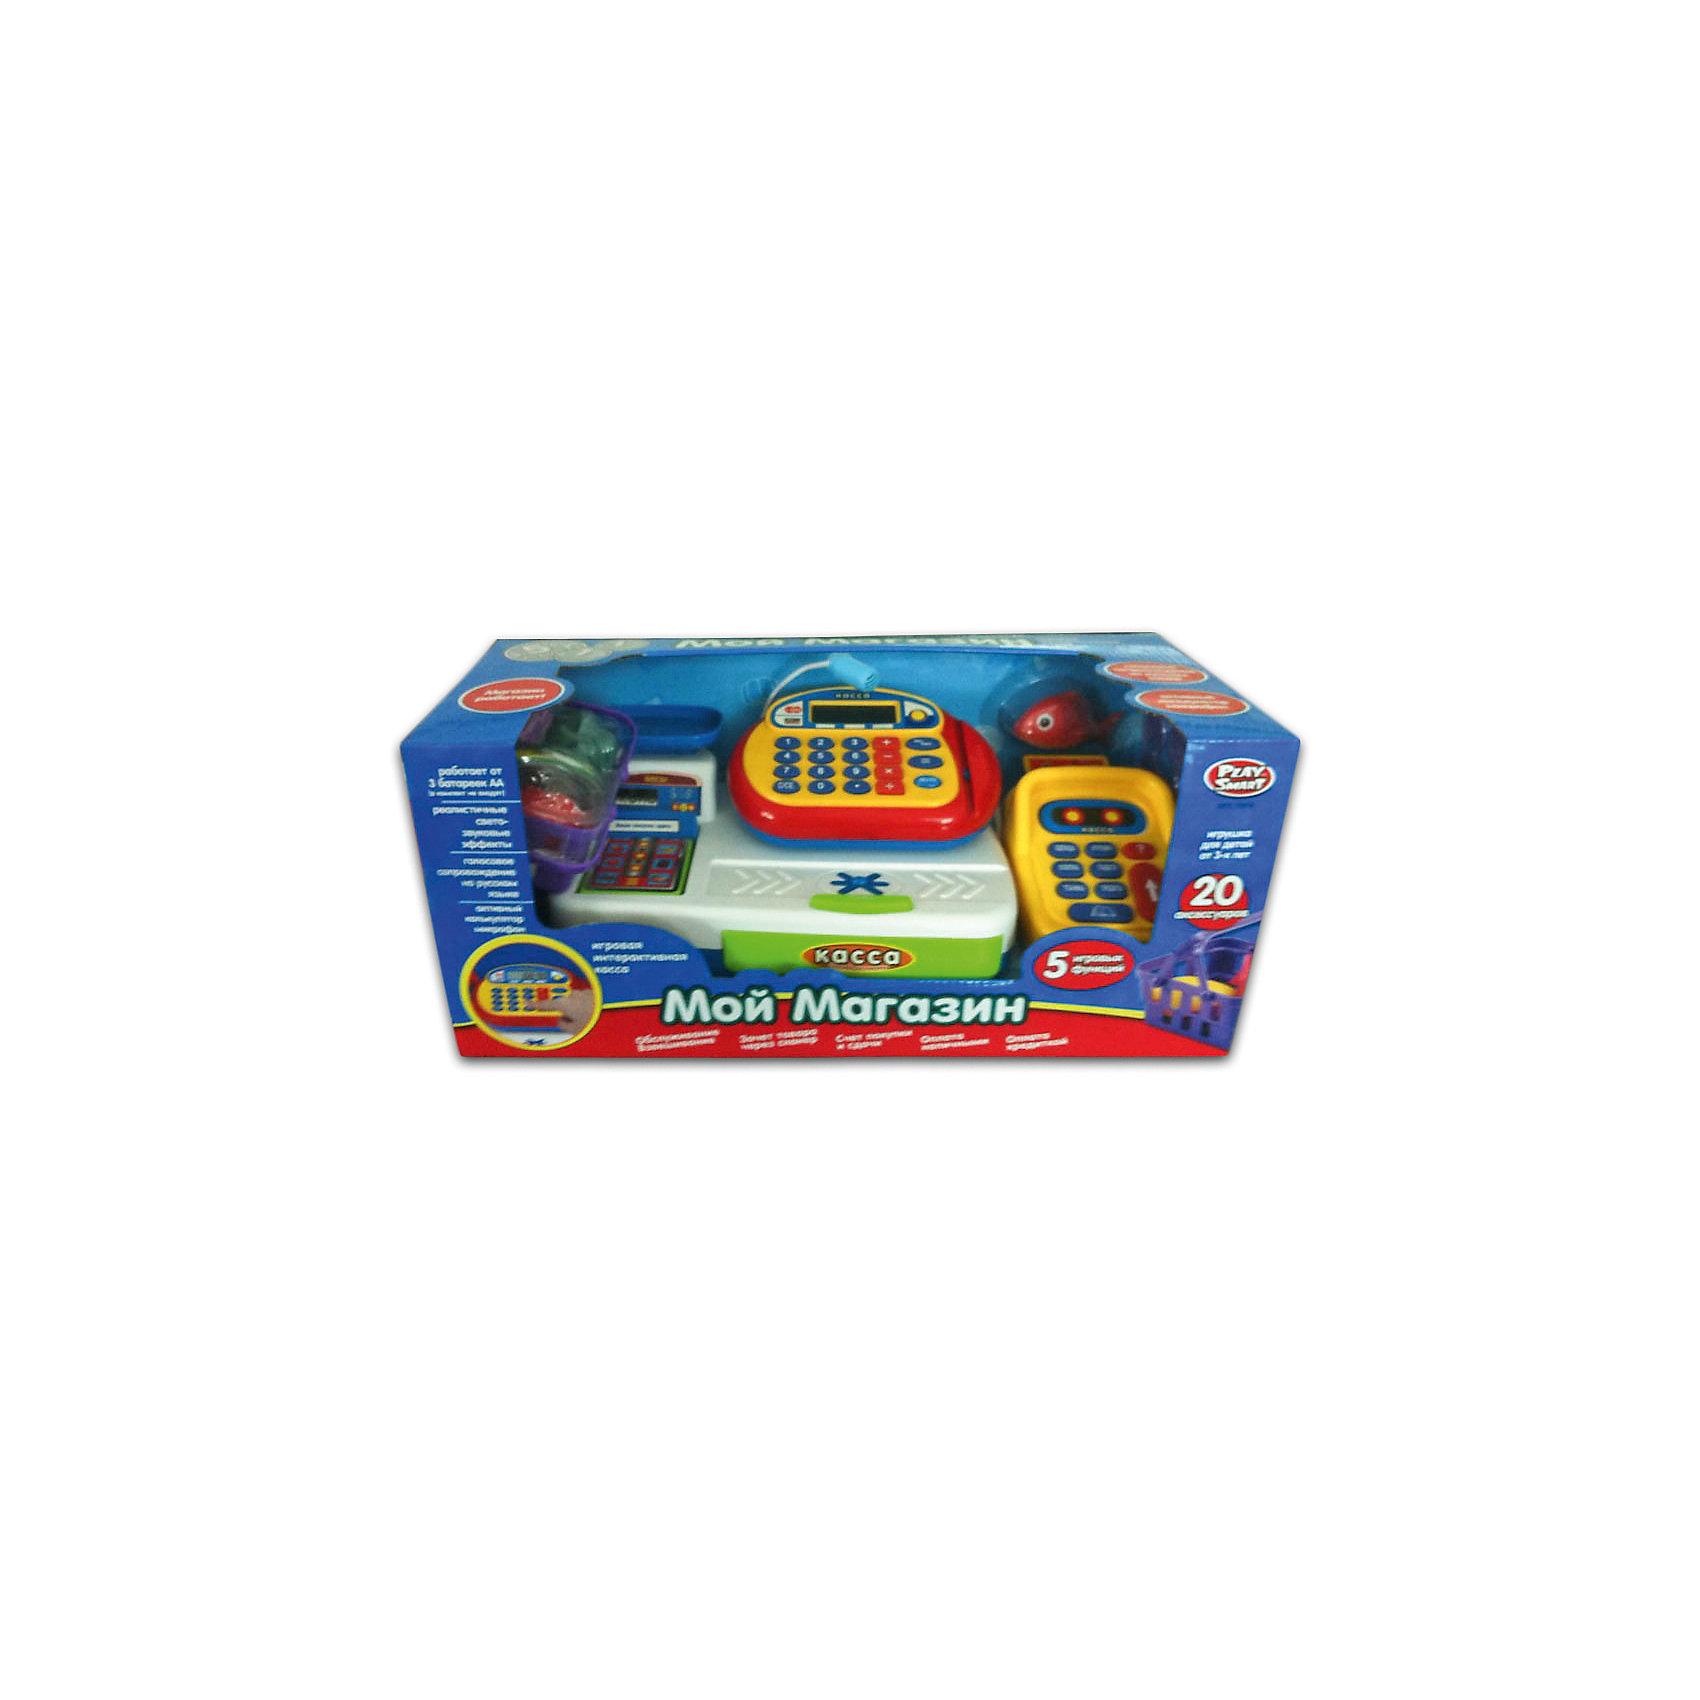 Наша Игрушка | Интерактивная касса Наша игрушка Мой магазин | Clouty